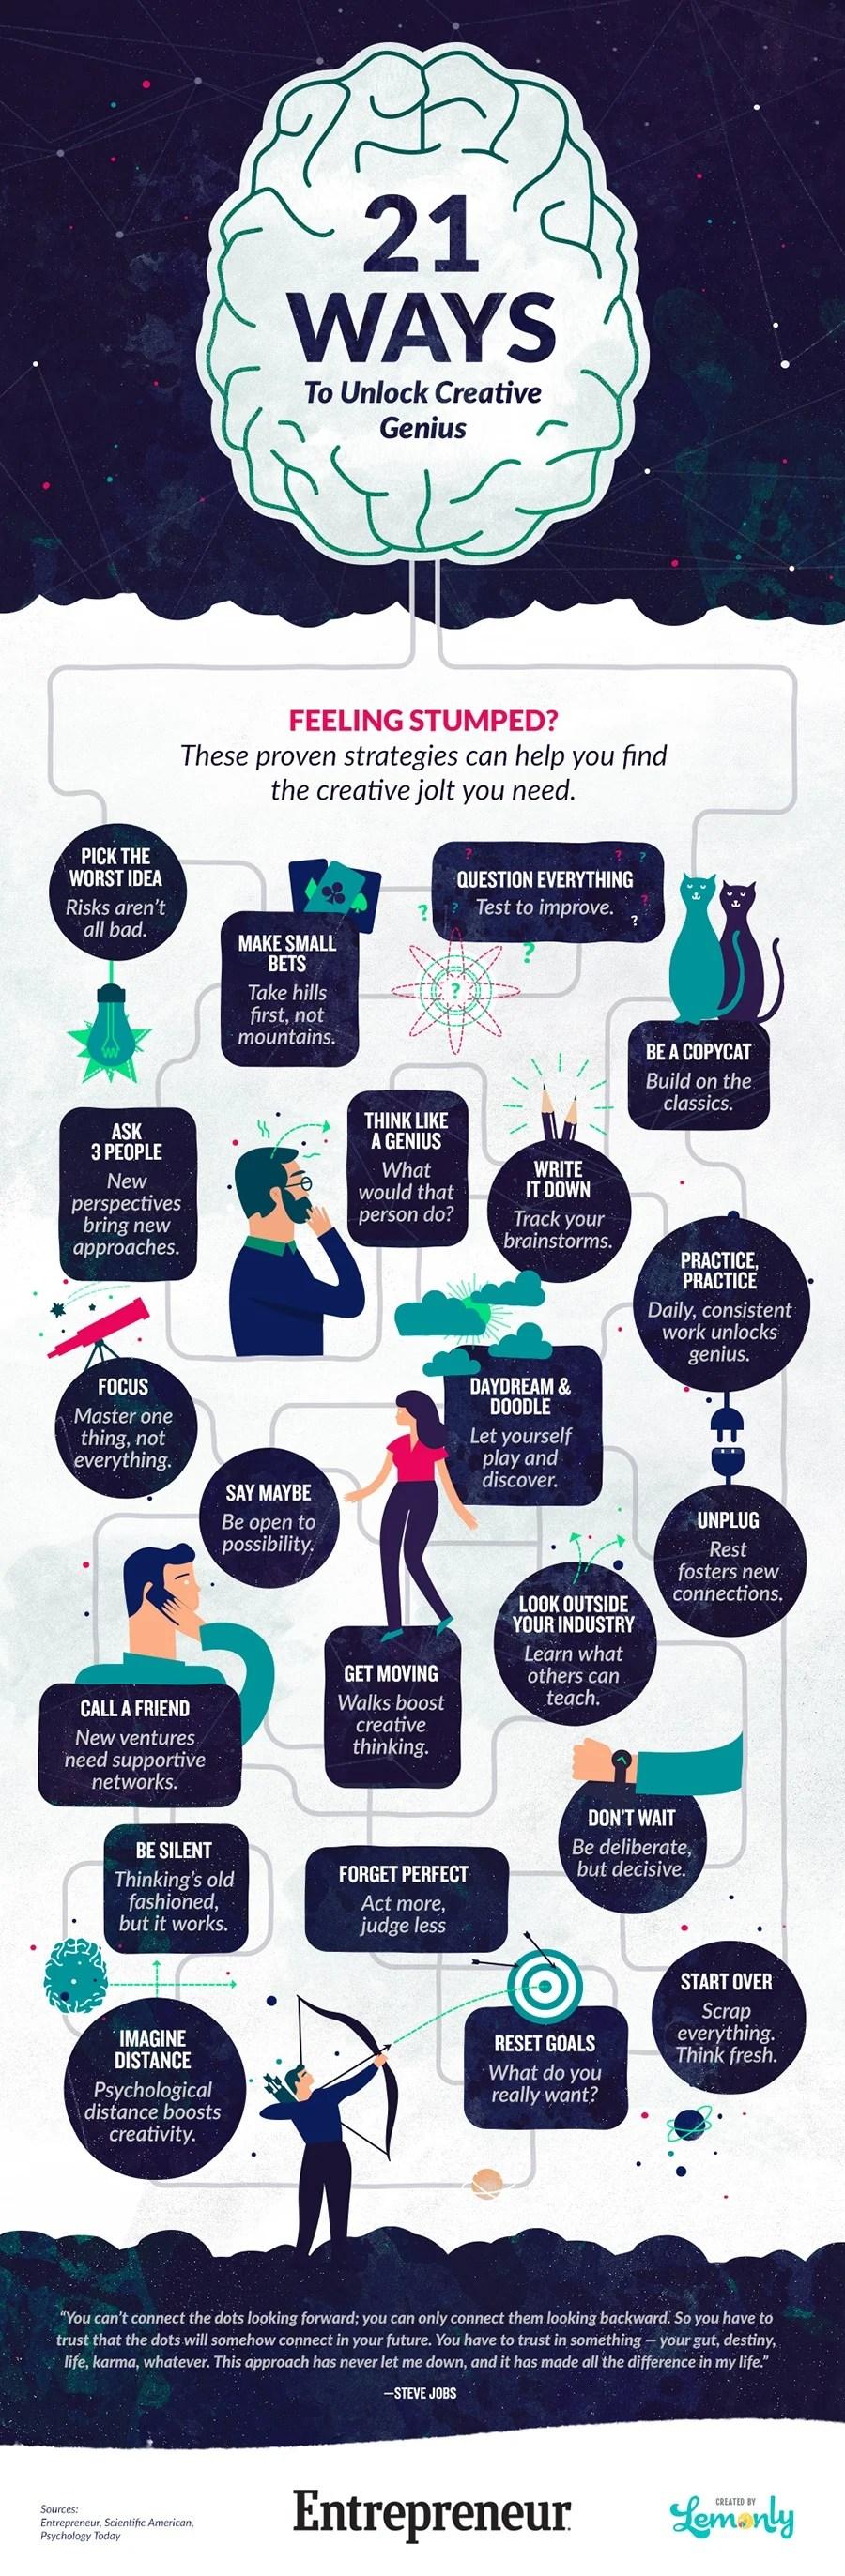 21-ways-creative-genius-infographic